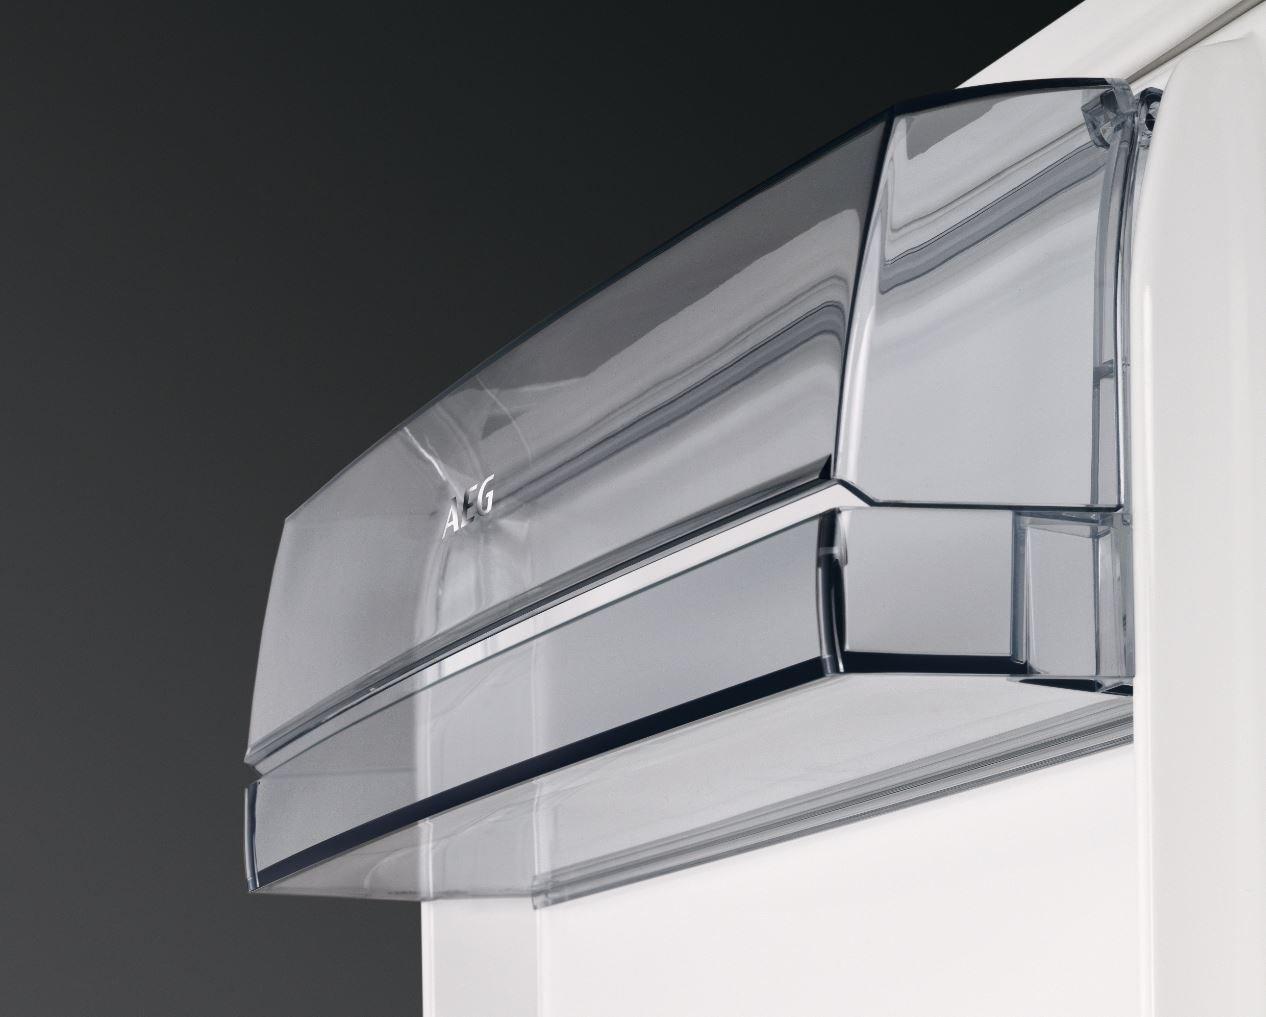 Aeg Kühlschrank Abtauen : Aeg skb58821ae kühlschrank 142 l kühlraum integrierbarer